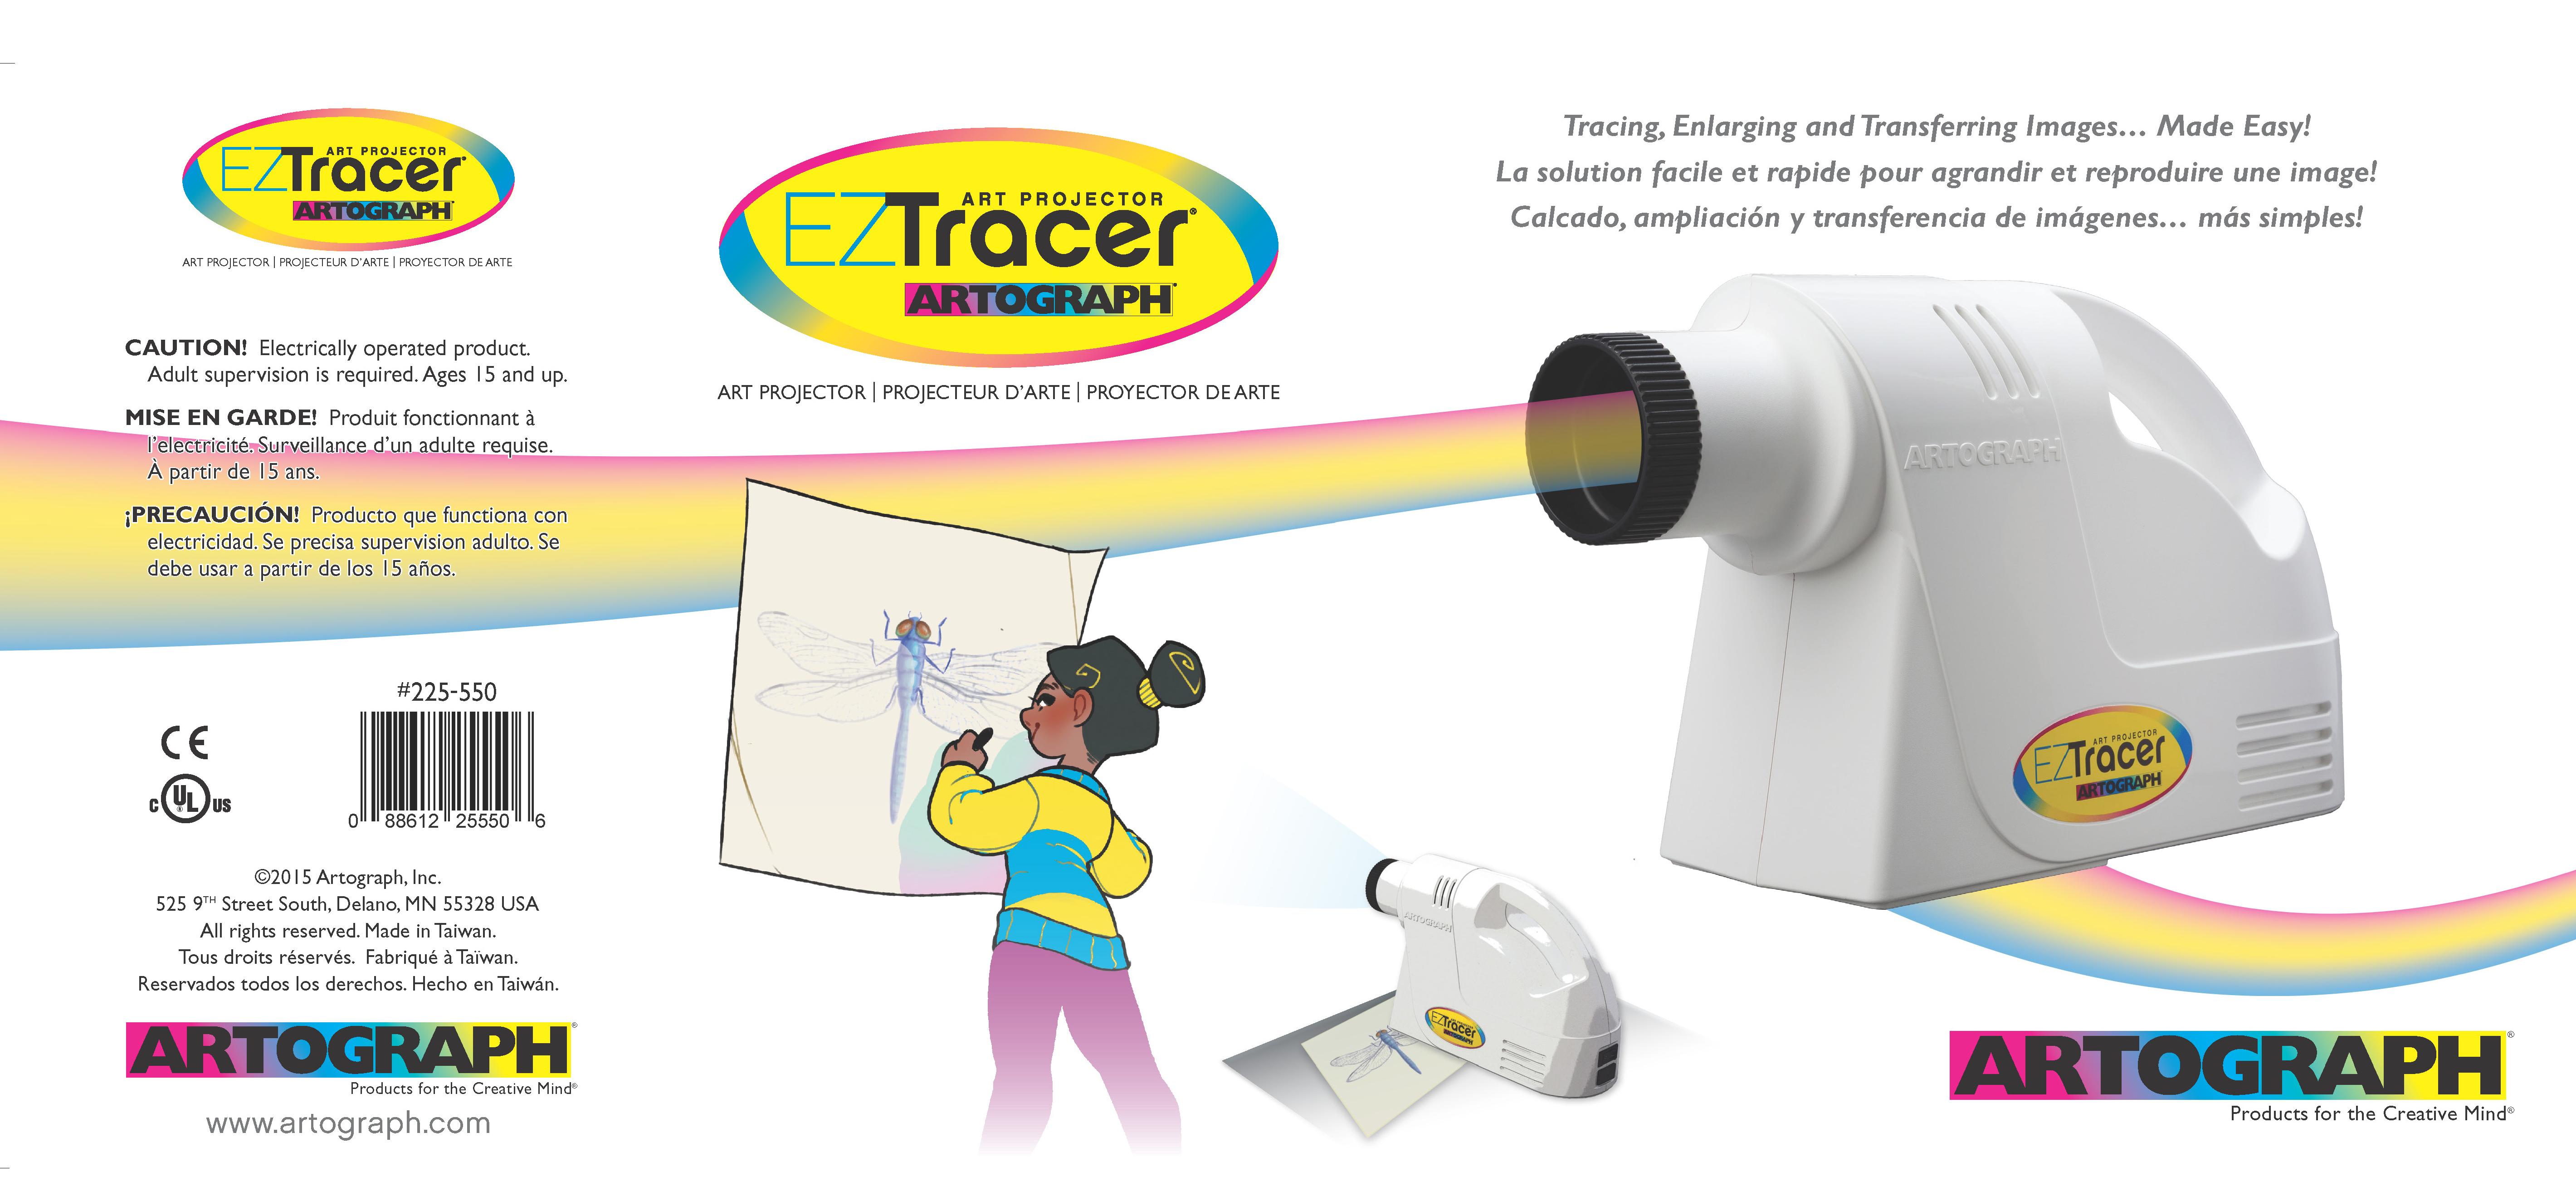 Artograph EZ Tracer Opaque Art Projector box UPC 88612255506